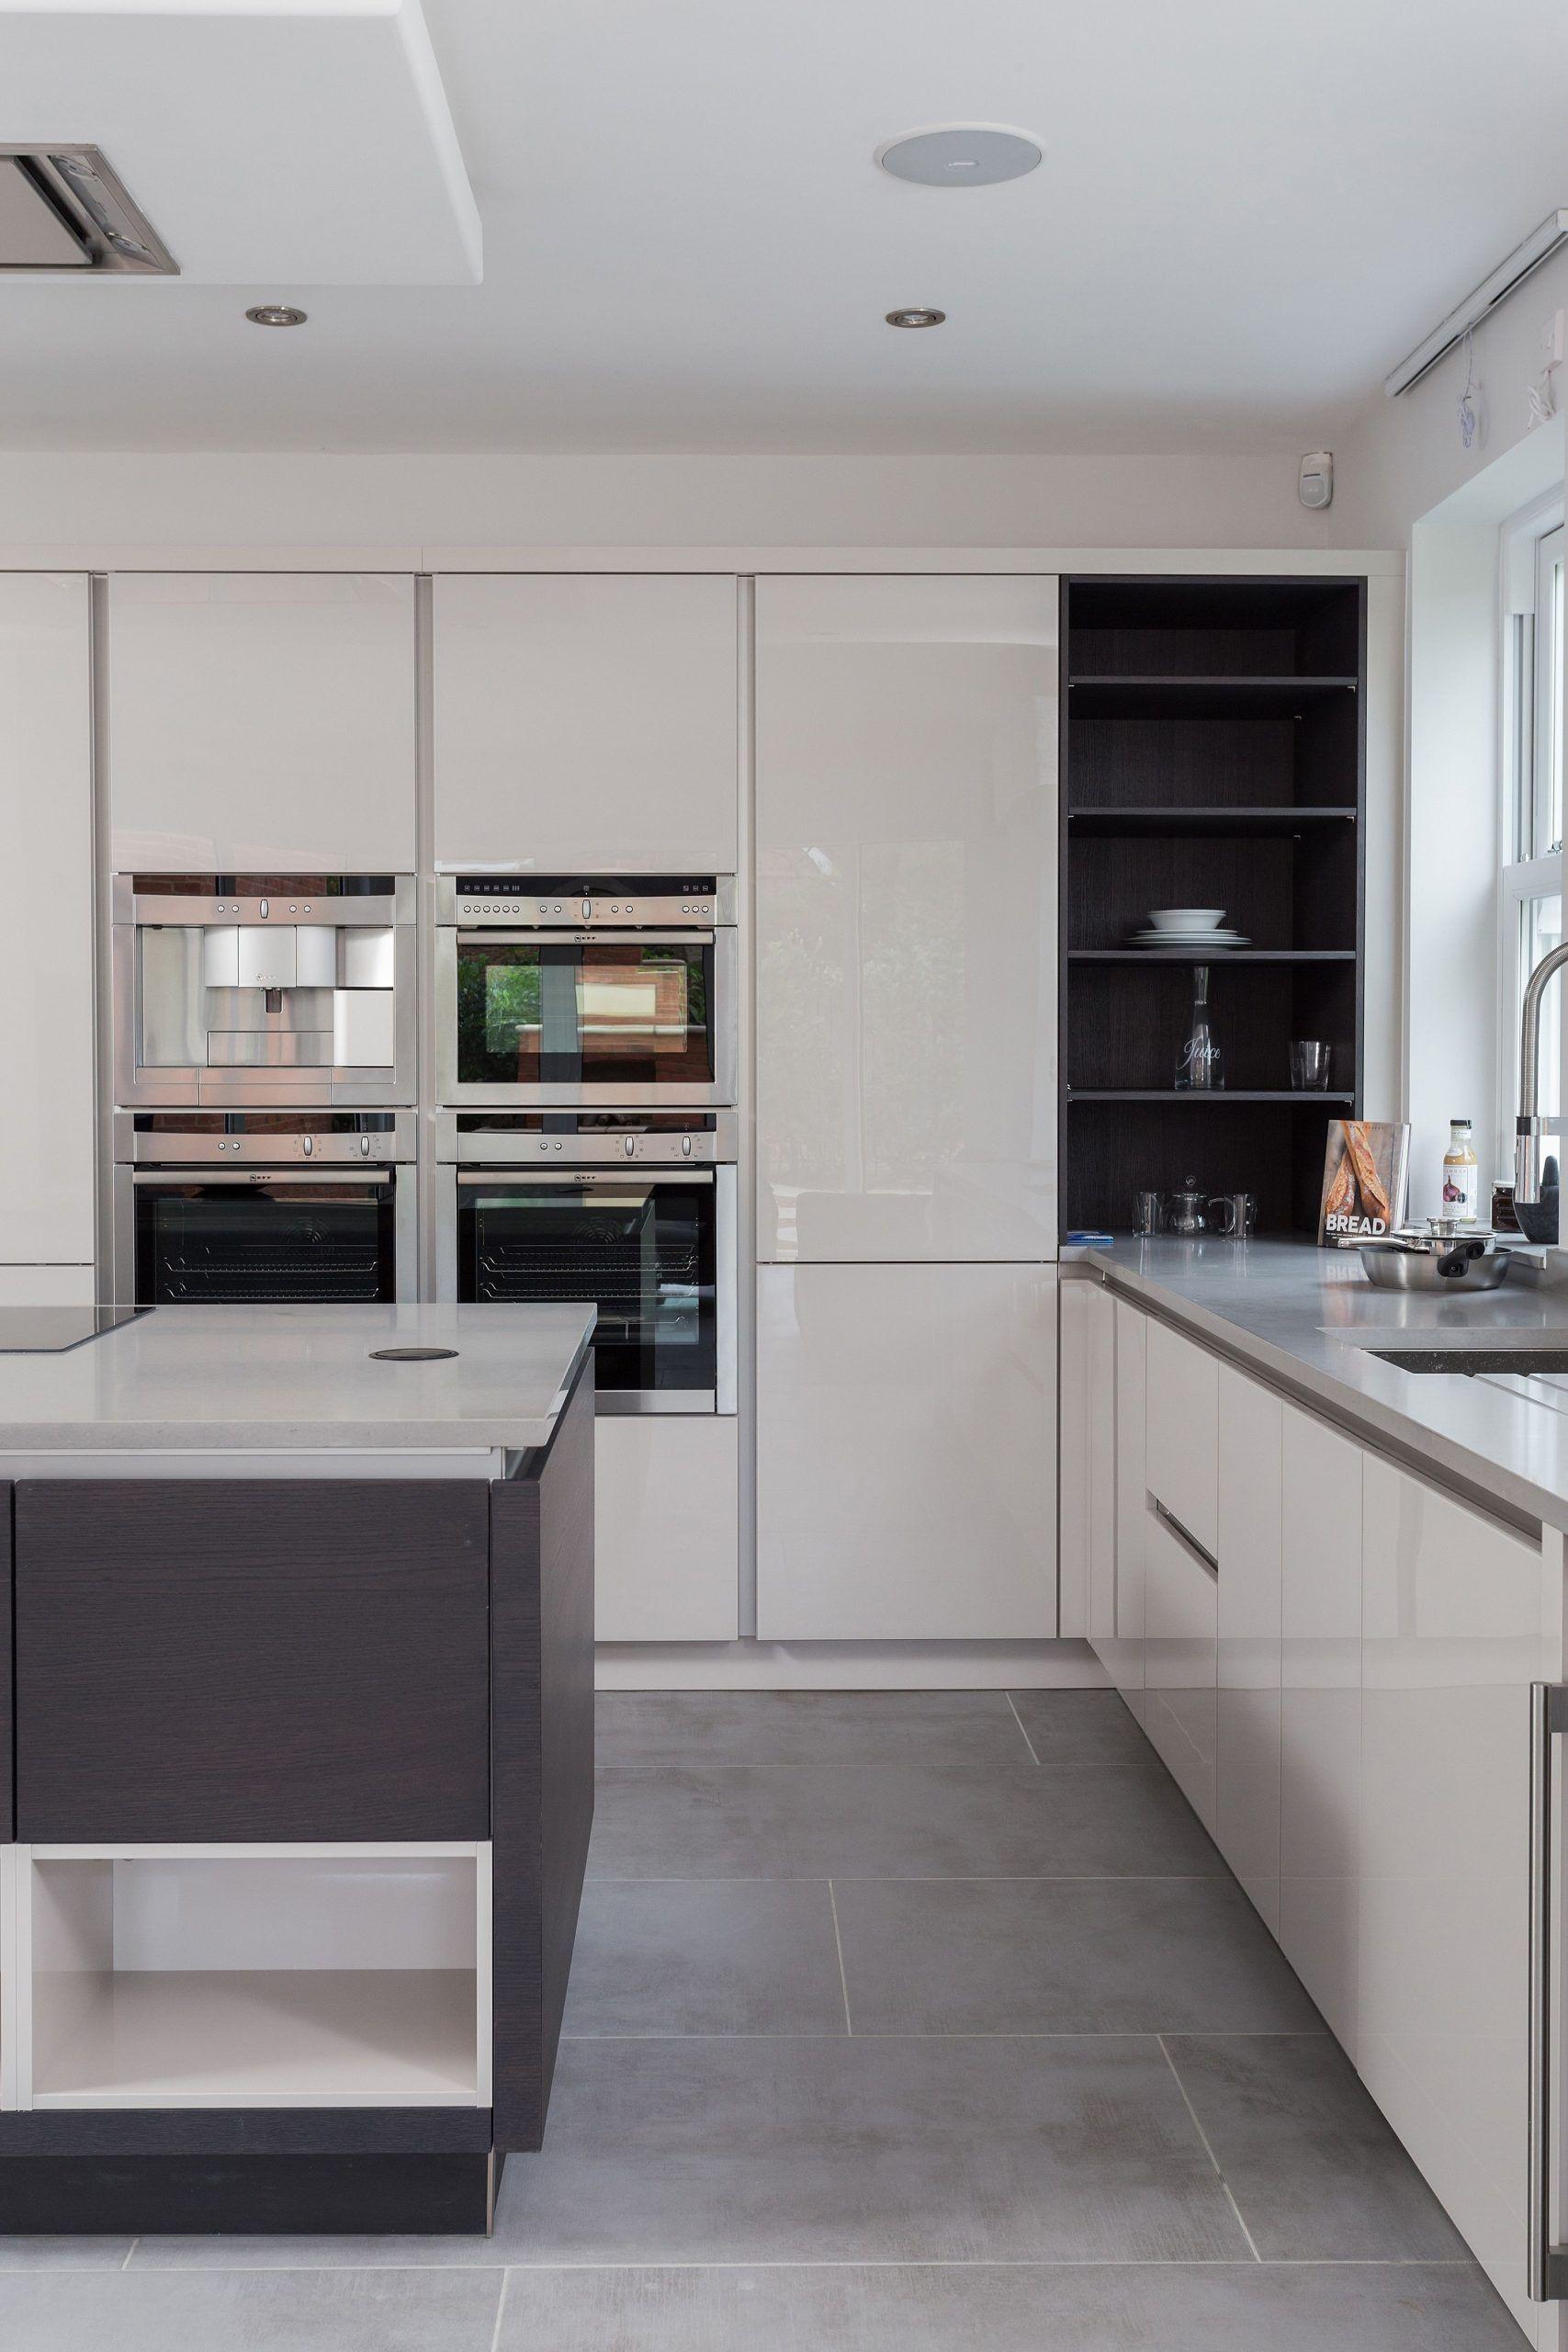 Nolte Kitchens Kitchens Nolte In 2020 Kitchen Island Chairs Modern Handleless Kitchen Modern Kitchen Design